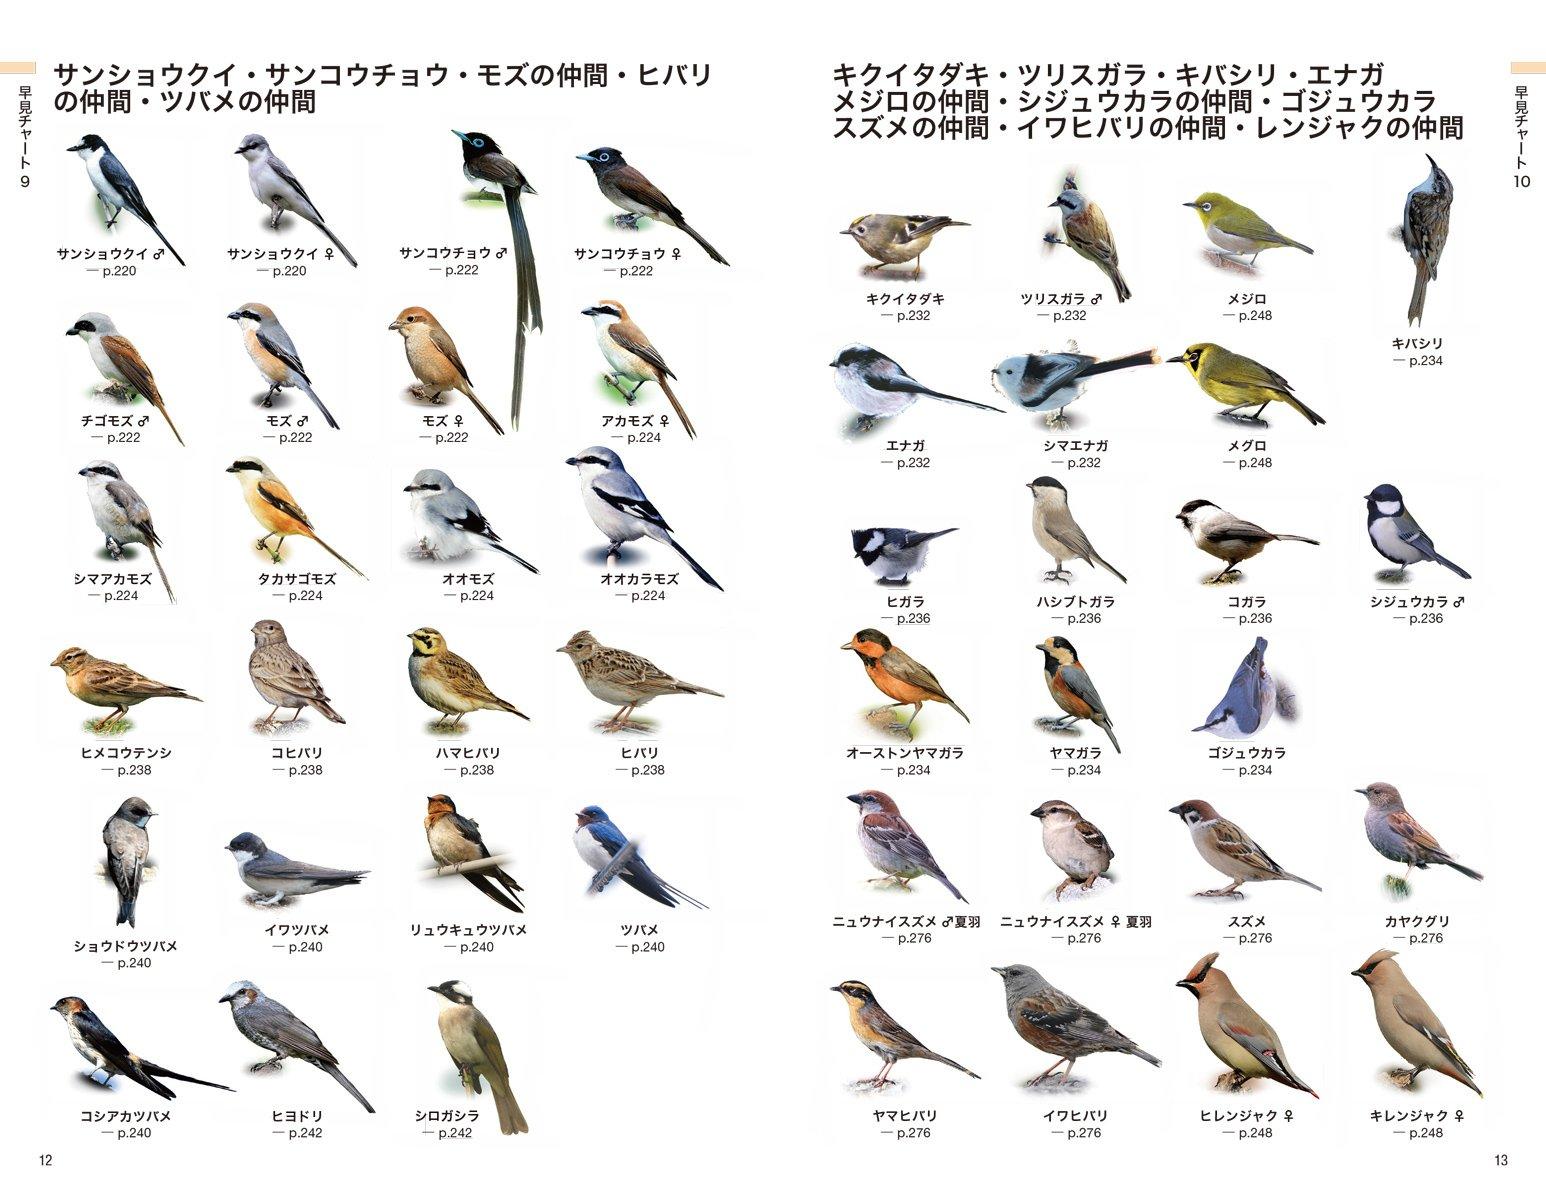 日本の野鳥一覧 - List of birds...